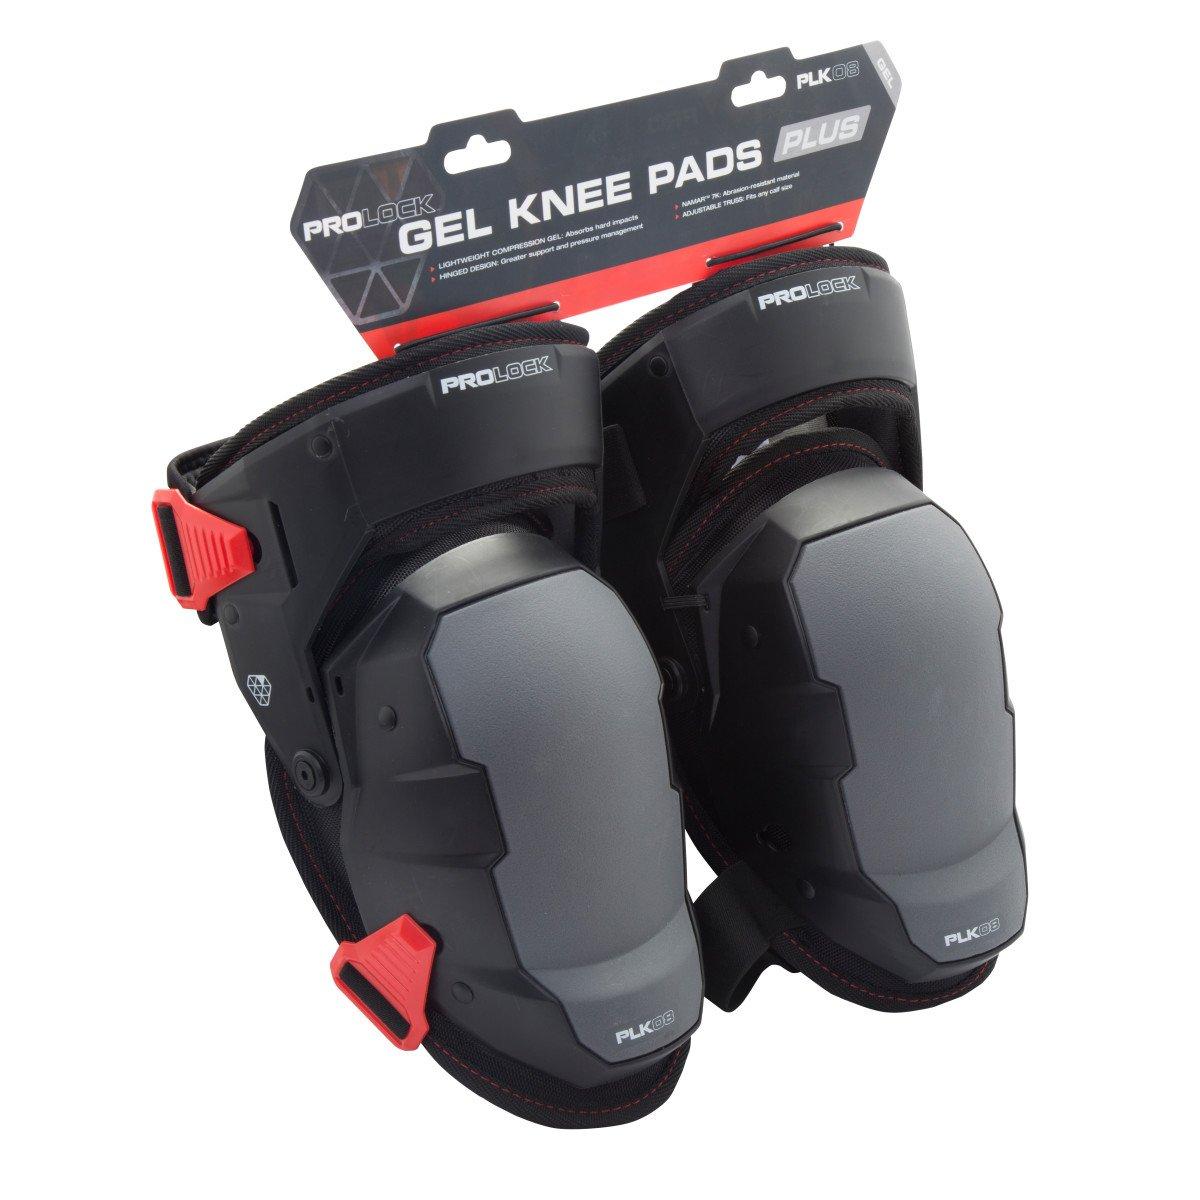 PROLOCK PLK08 93183 Gel Knee Pads Plus (1 pair) by PROLOCK (Image #7)